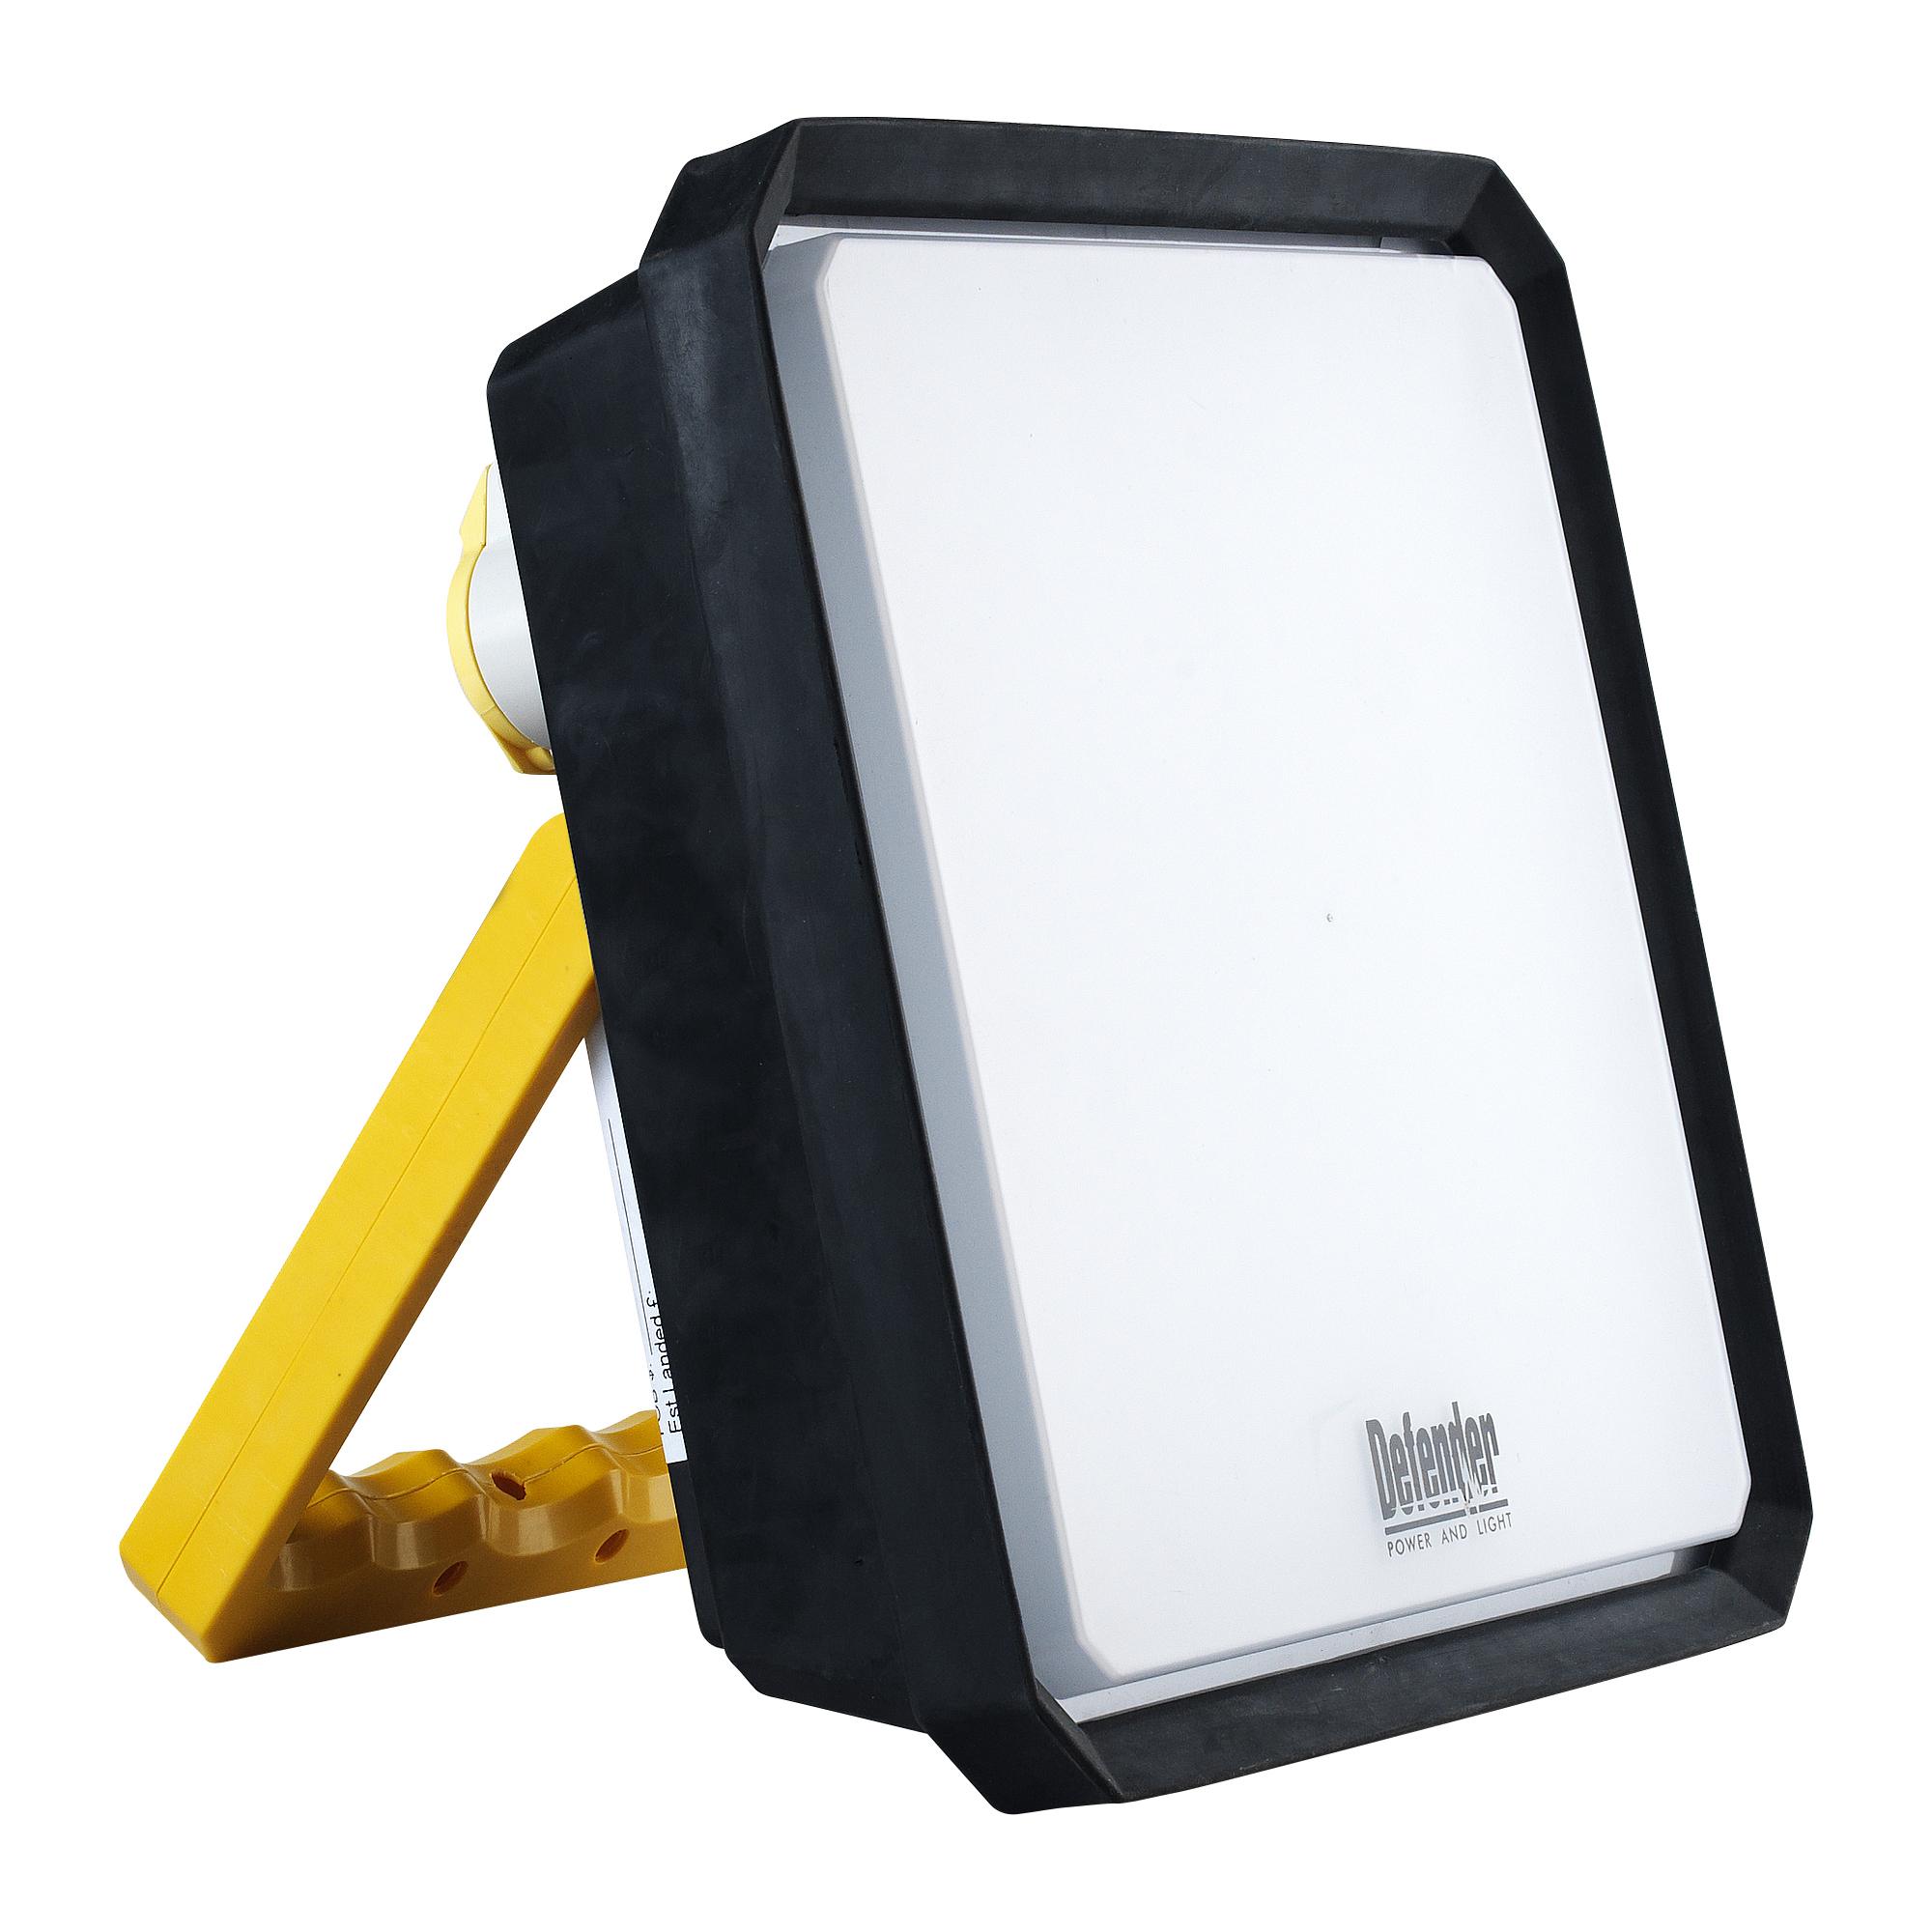 Defender LED Zone Light Floodlight Head Only 230V E712880